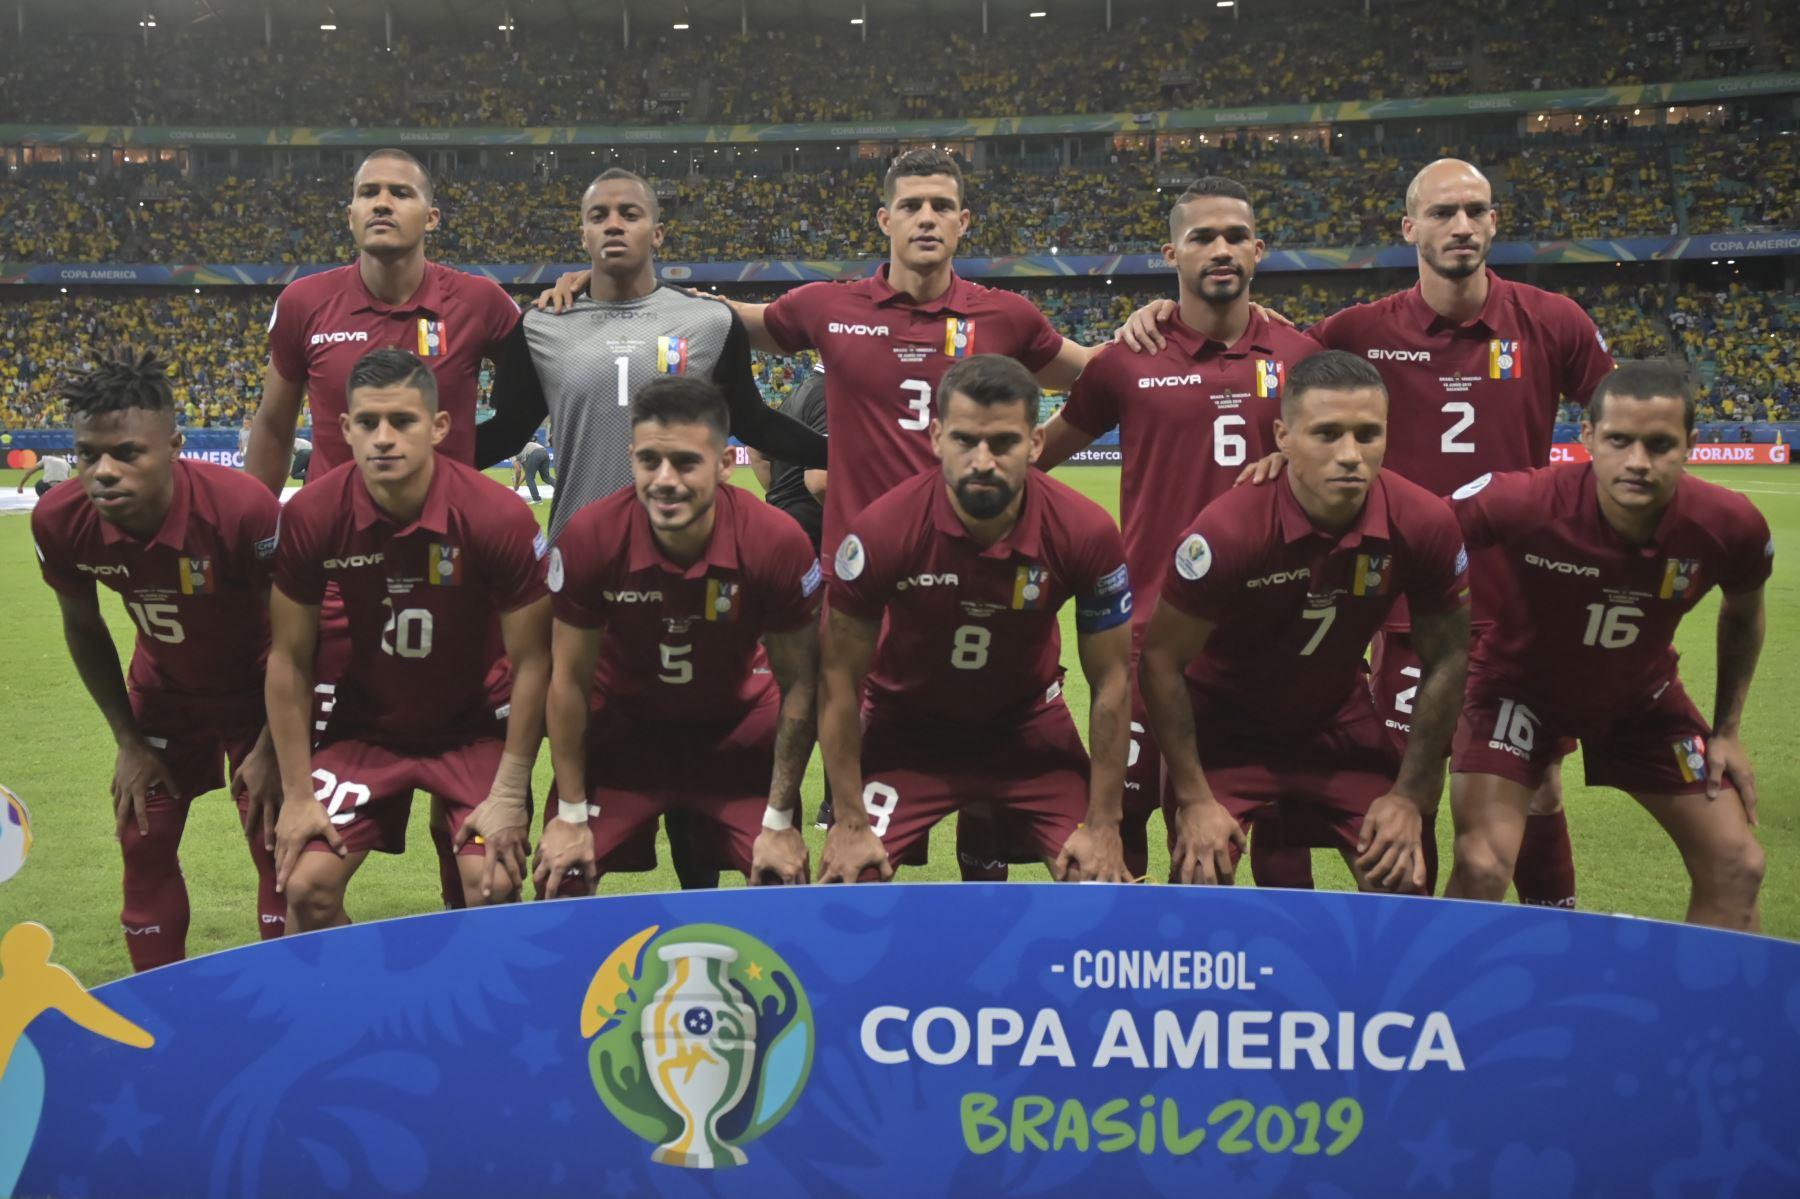 Los jugadores de Venezuela posan para las fotos antes de su partido de torneo de fútbol de Copa América contra Brasil en el Fonte Nova Arena en Salvador, Brasil. Foto: AFP